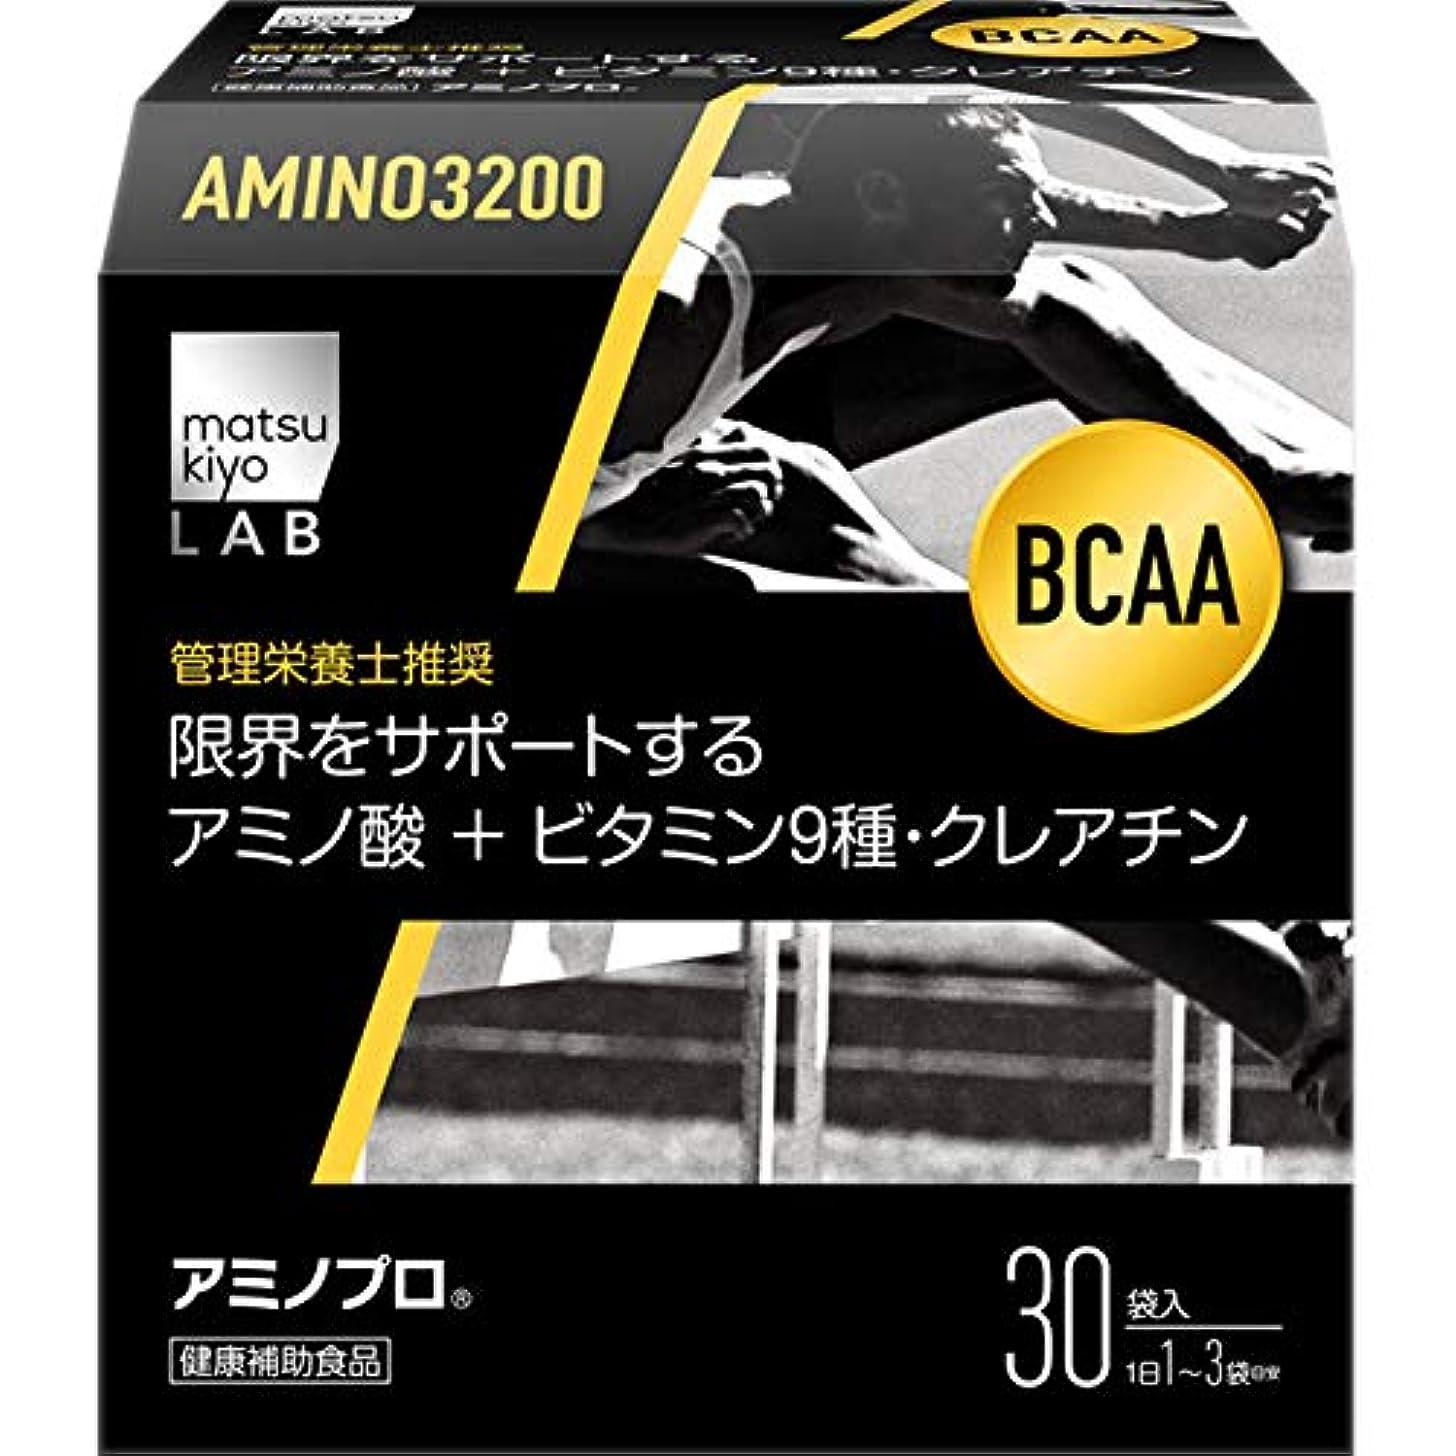 matsukiyo LAB アミノプロ 30包